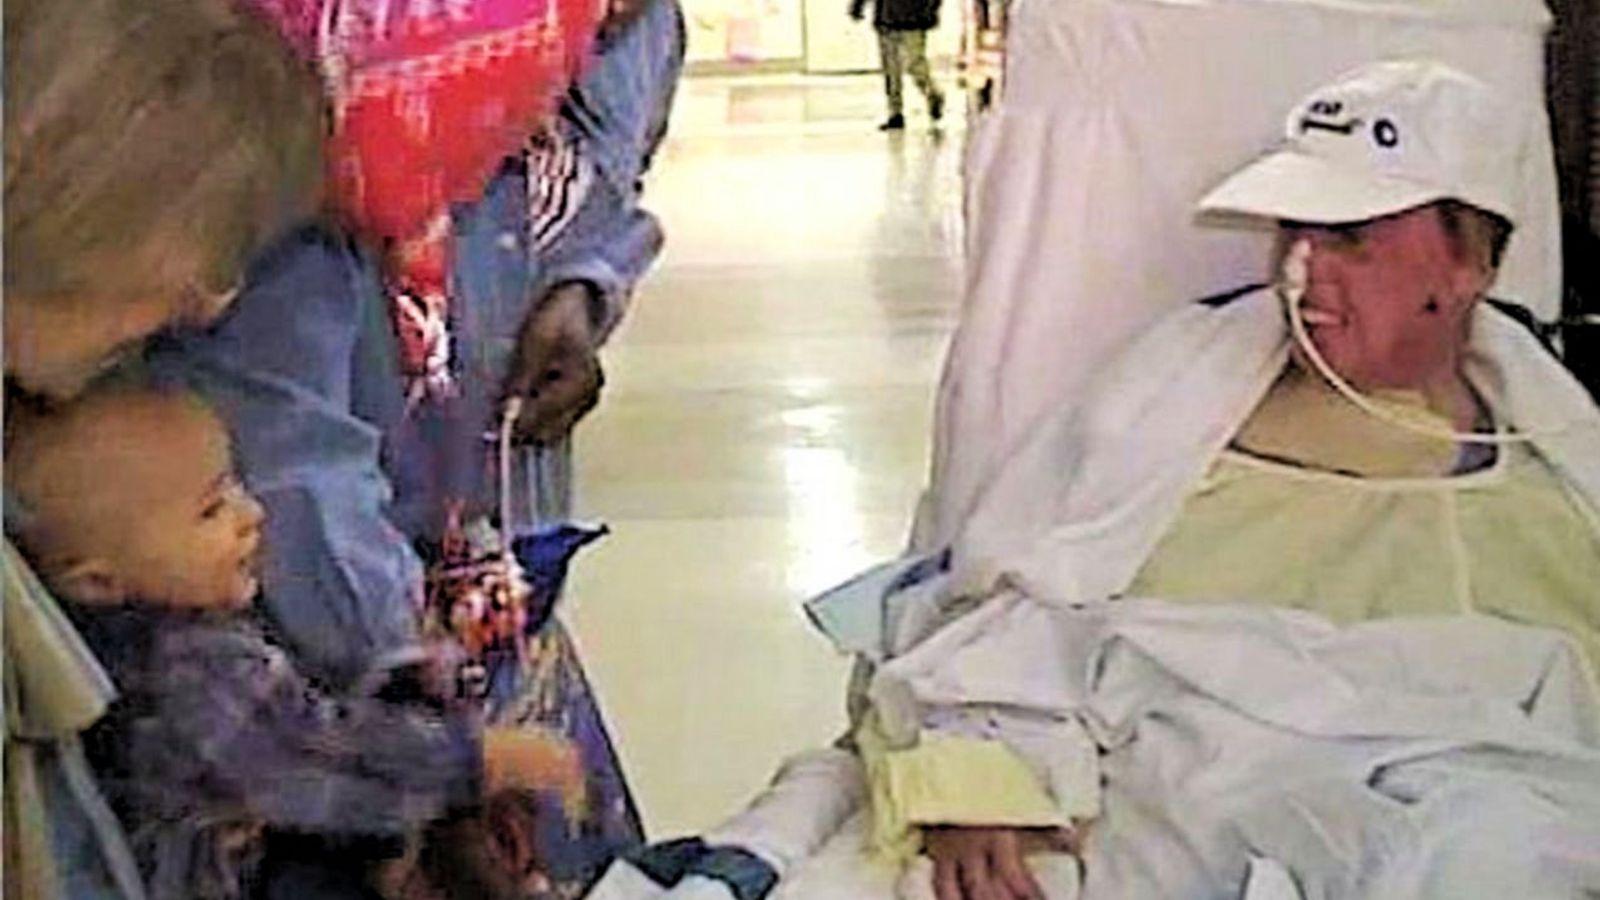 Tâm sự của người bị thiêu sống trong thảm kịch khủng bố 11-9-2001 - Ảnh 3.